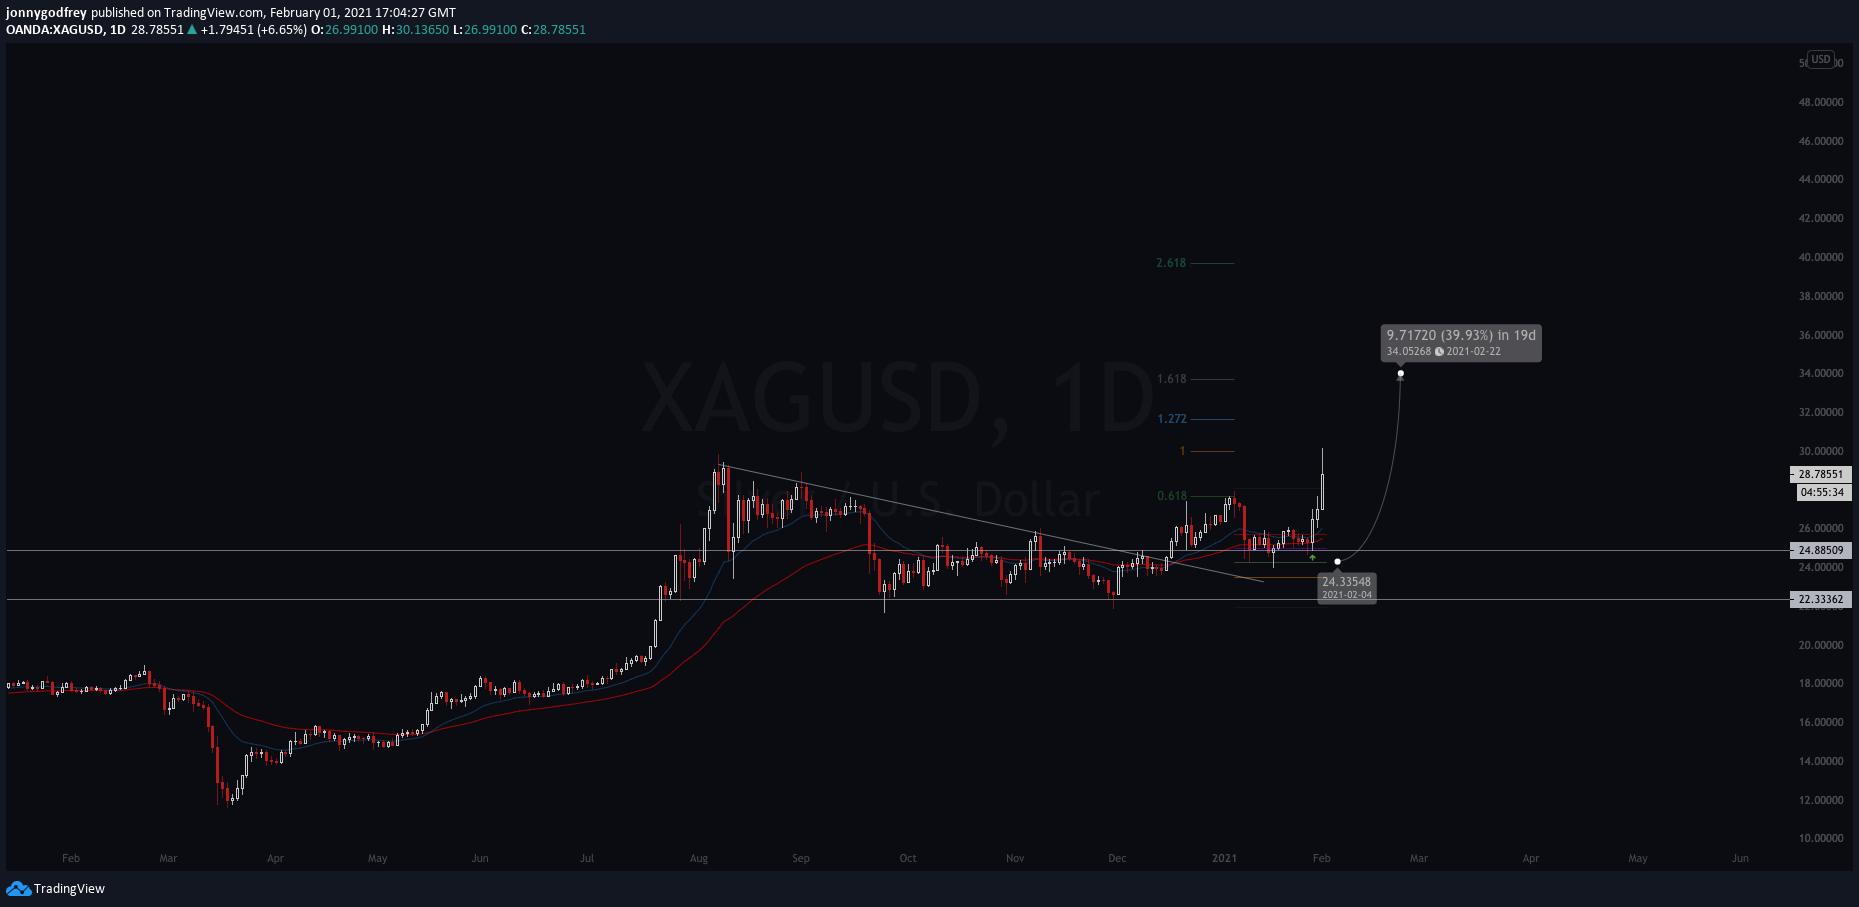 XAGUSD daily chart